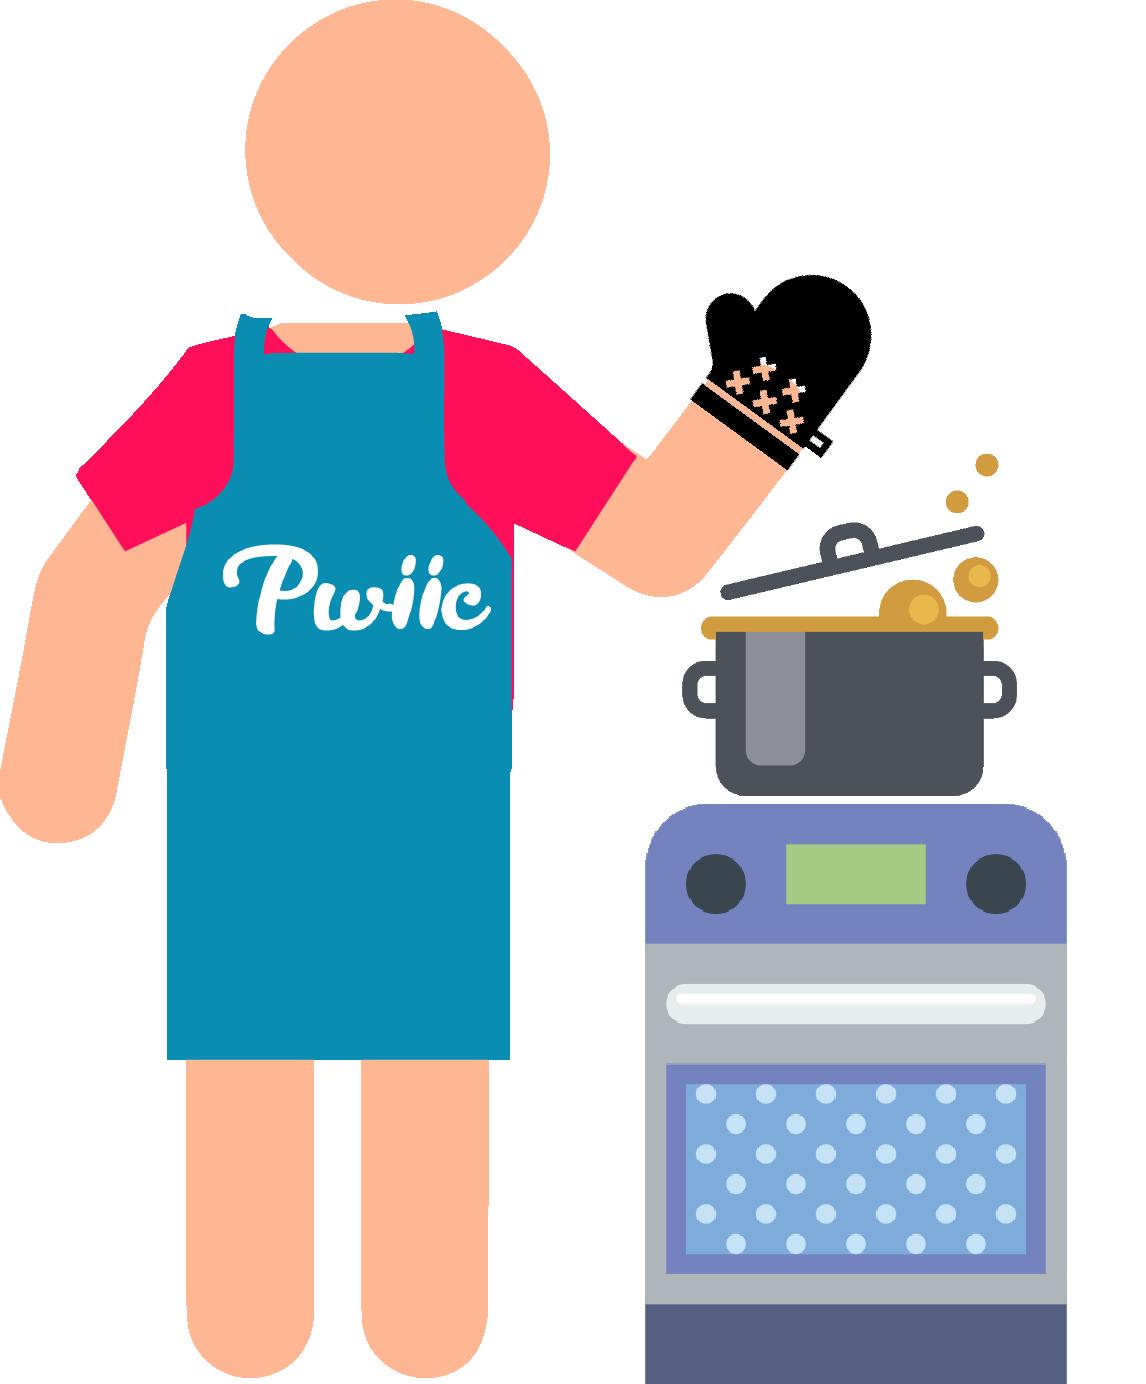 https://pwiic.com/fr/alinelognoul/Voisin-qui-cuisine-pour-toi